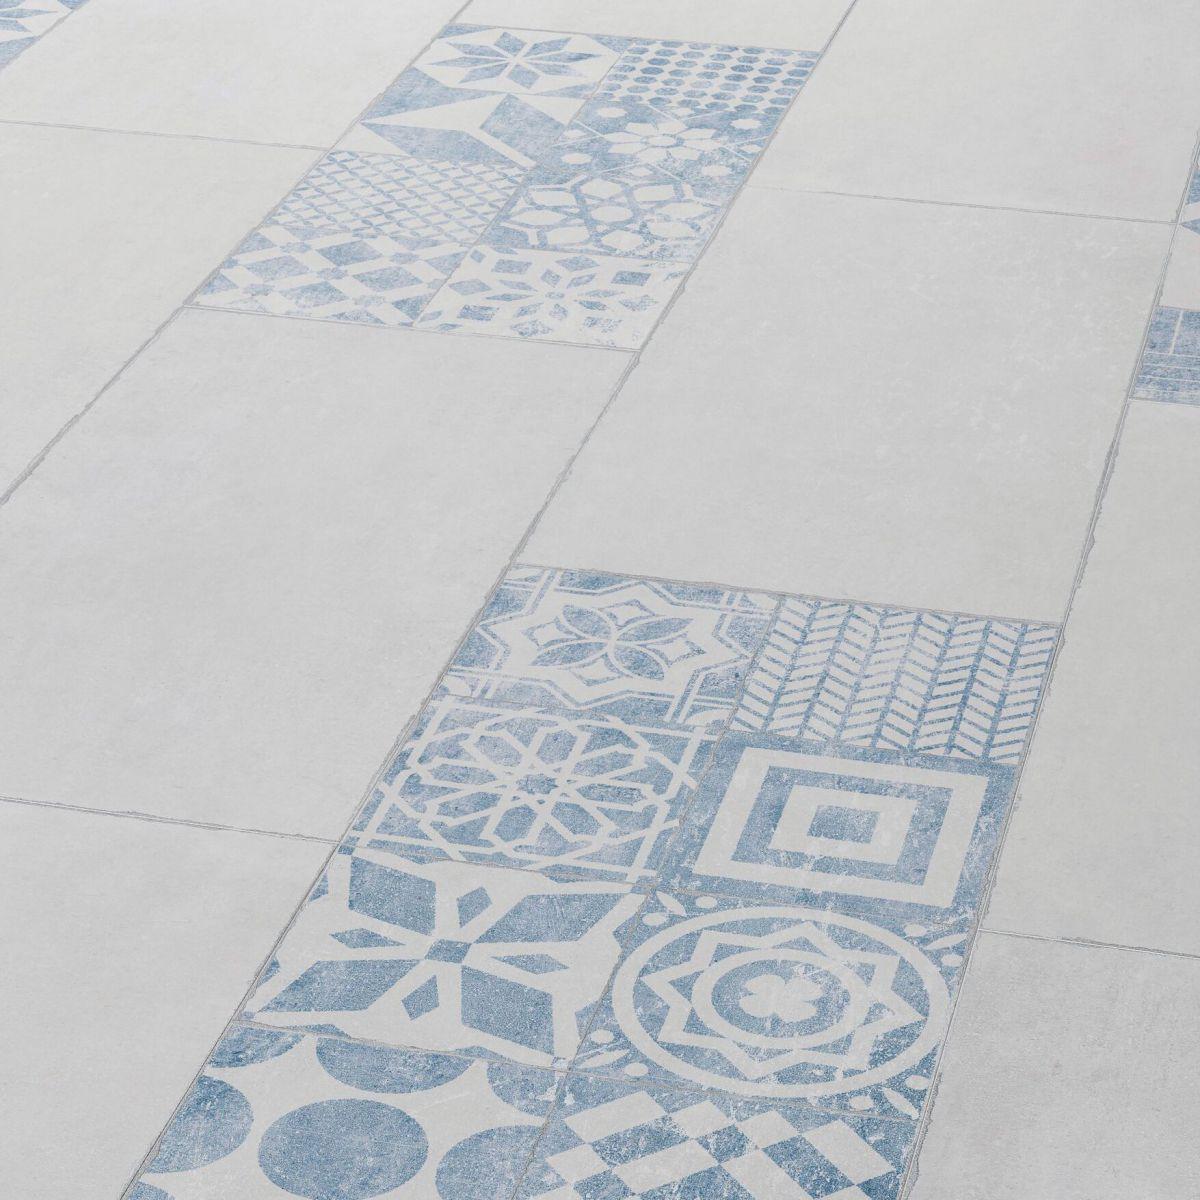 Avatara vloeren steen O1 diagonaal